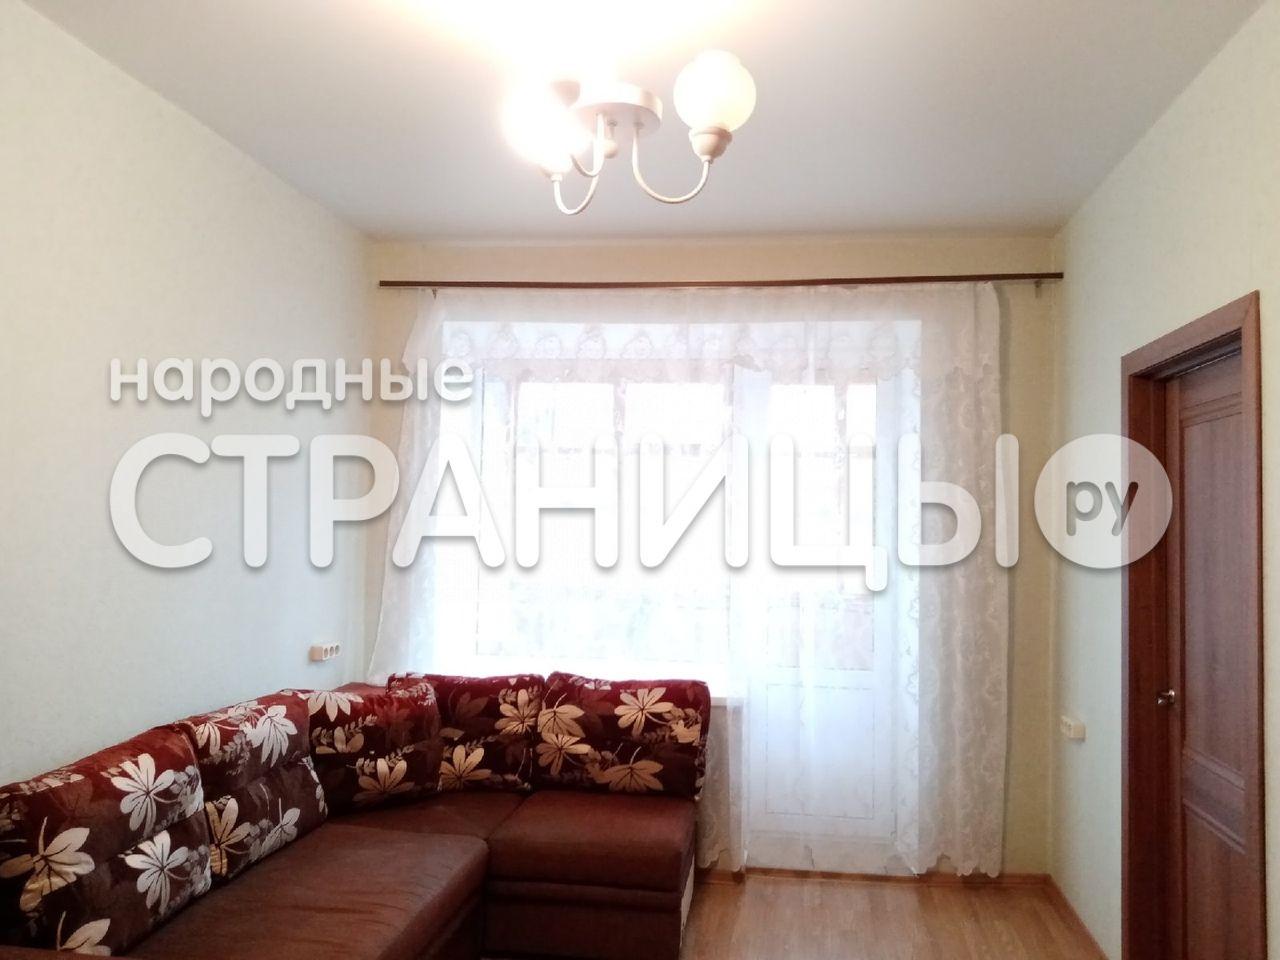 2-комнатная квартира, 44.1 м²,  4/5 эт. Кирпичный дом, Вторичное жилье